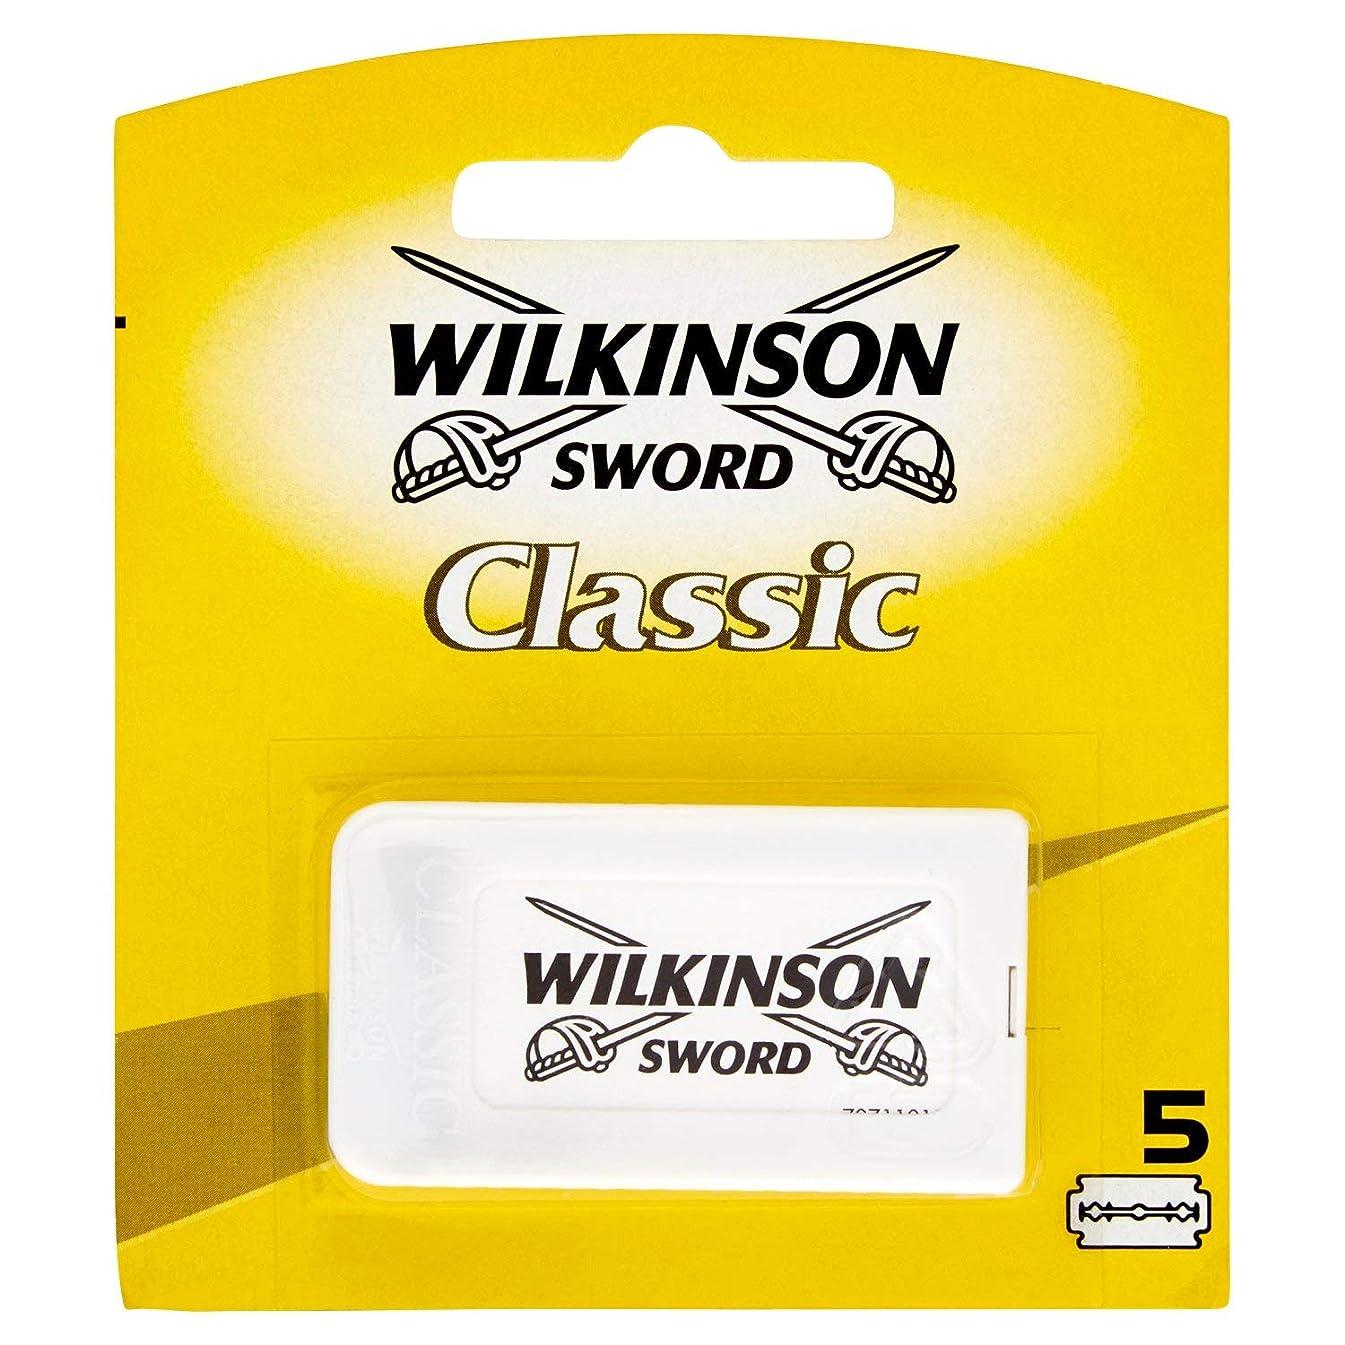 廊下作り上げるシードWilkinson Sword(ウィルキンソンソード) Classic 両刃替刃 5個入り [並行輸入品]